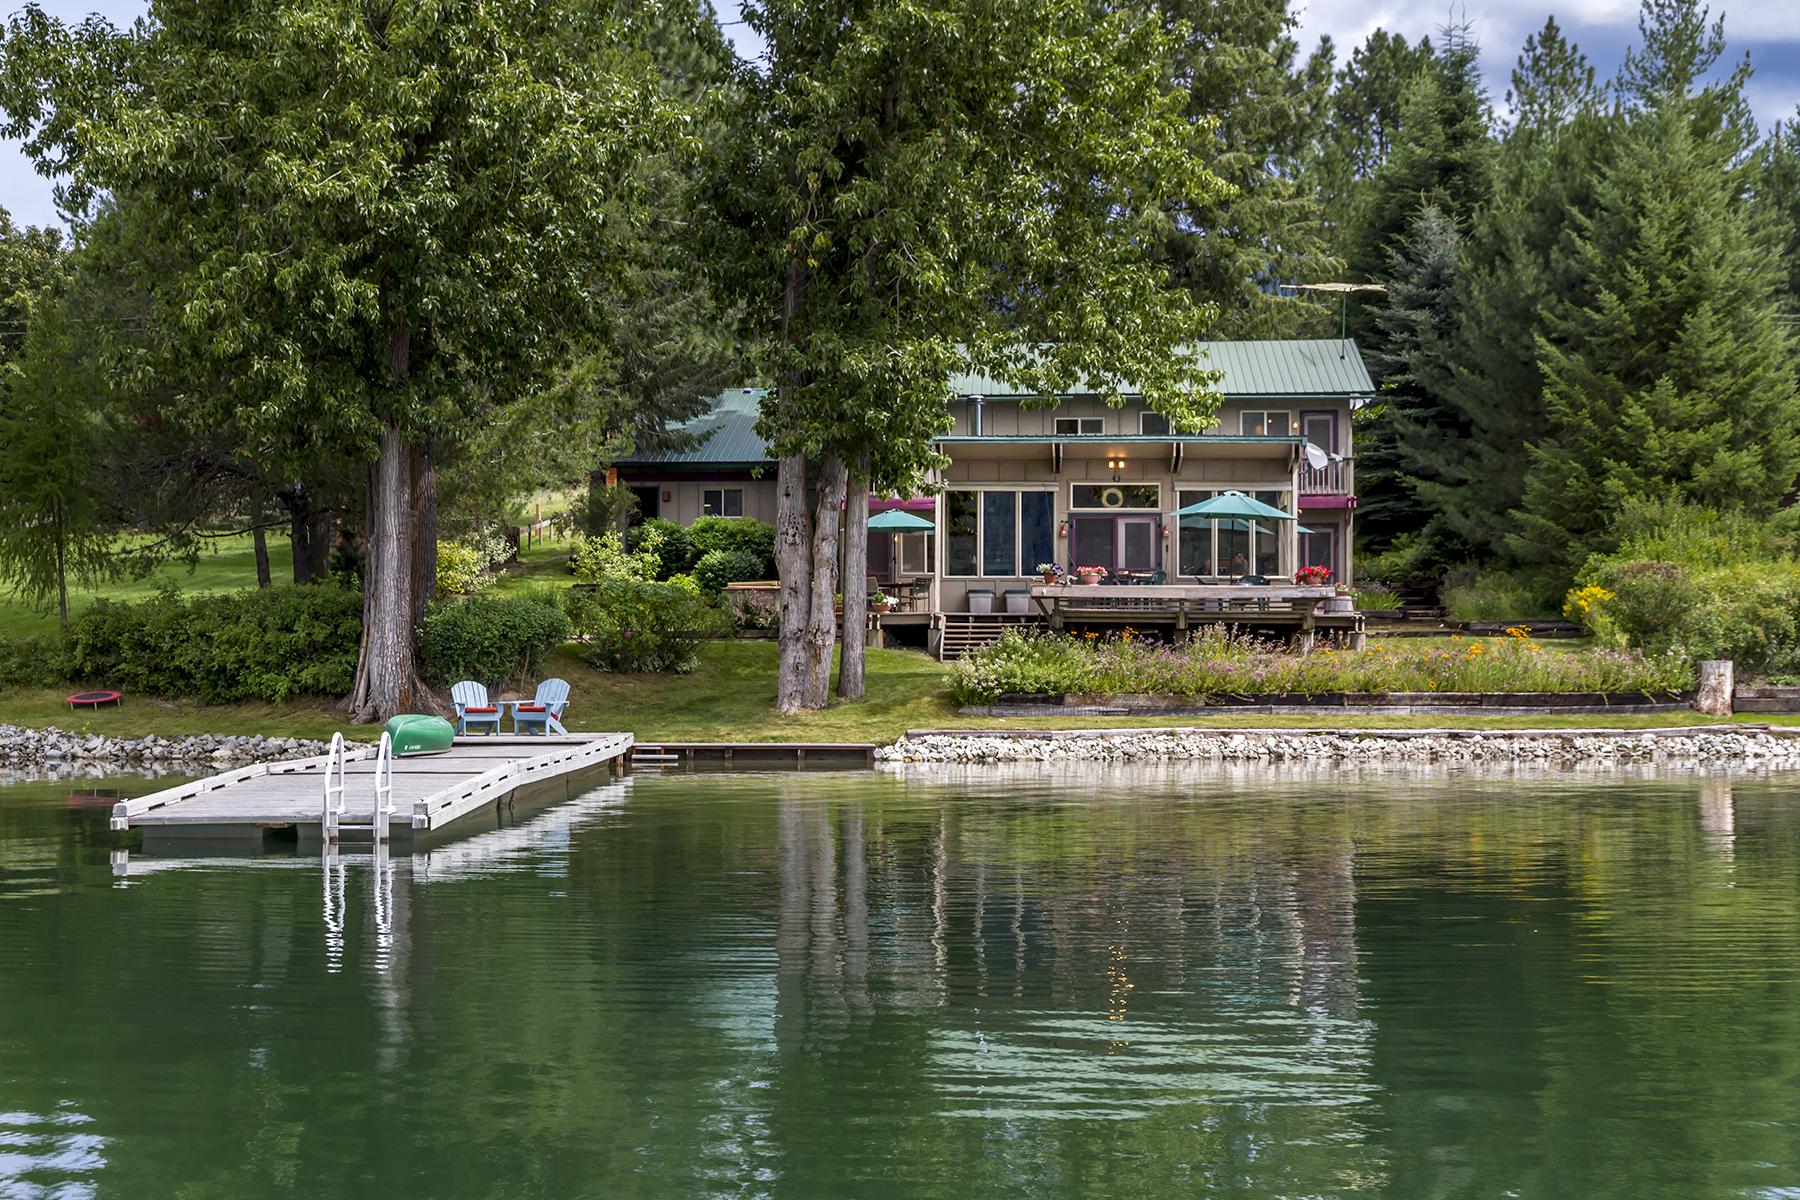 Casa Unifamiliar por un Venta en Inviting and Unique Waterfront Home 24 E. Shore Drive Priest River, Idaho, 83856 Estados Unidos